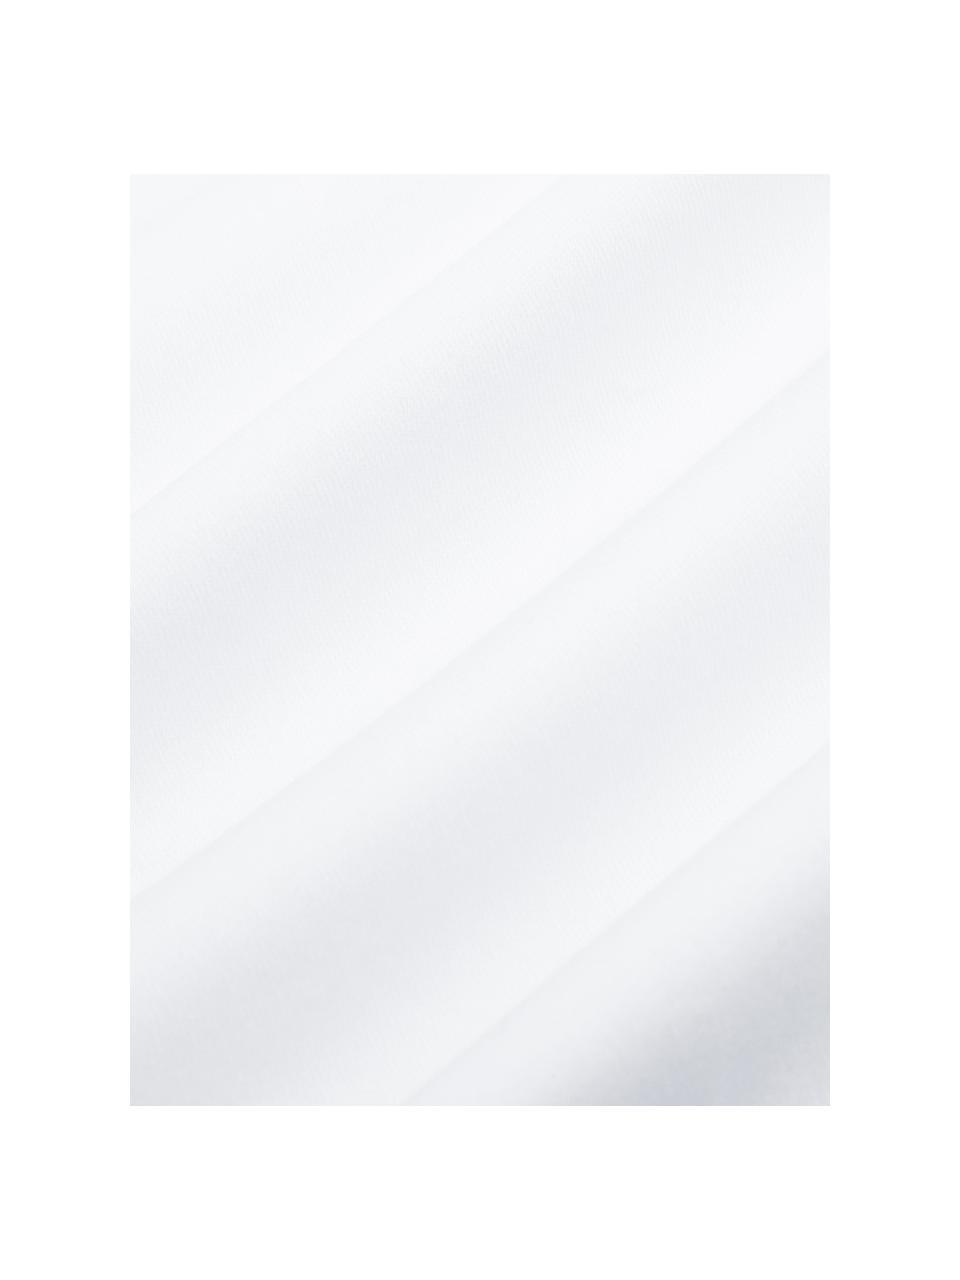 Spannbettlaken Premium aus Bio-Baumwolle in Weiß, Satin, Webart: Satin Fadendichte 400 TC,, Weiß, 160 x 200 cm